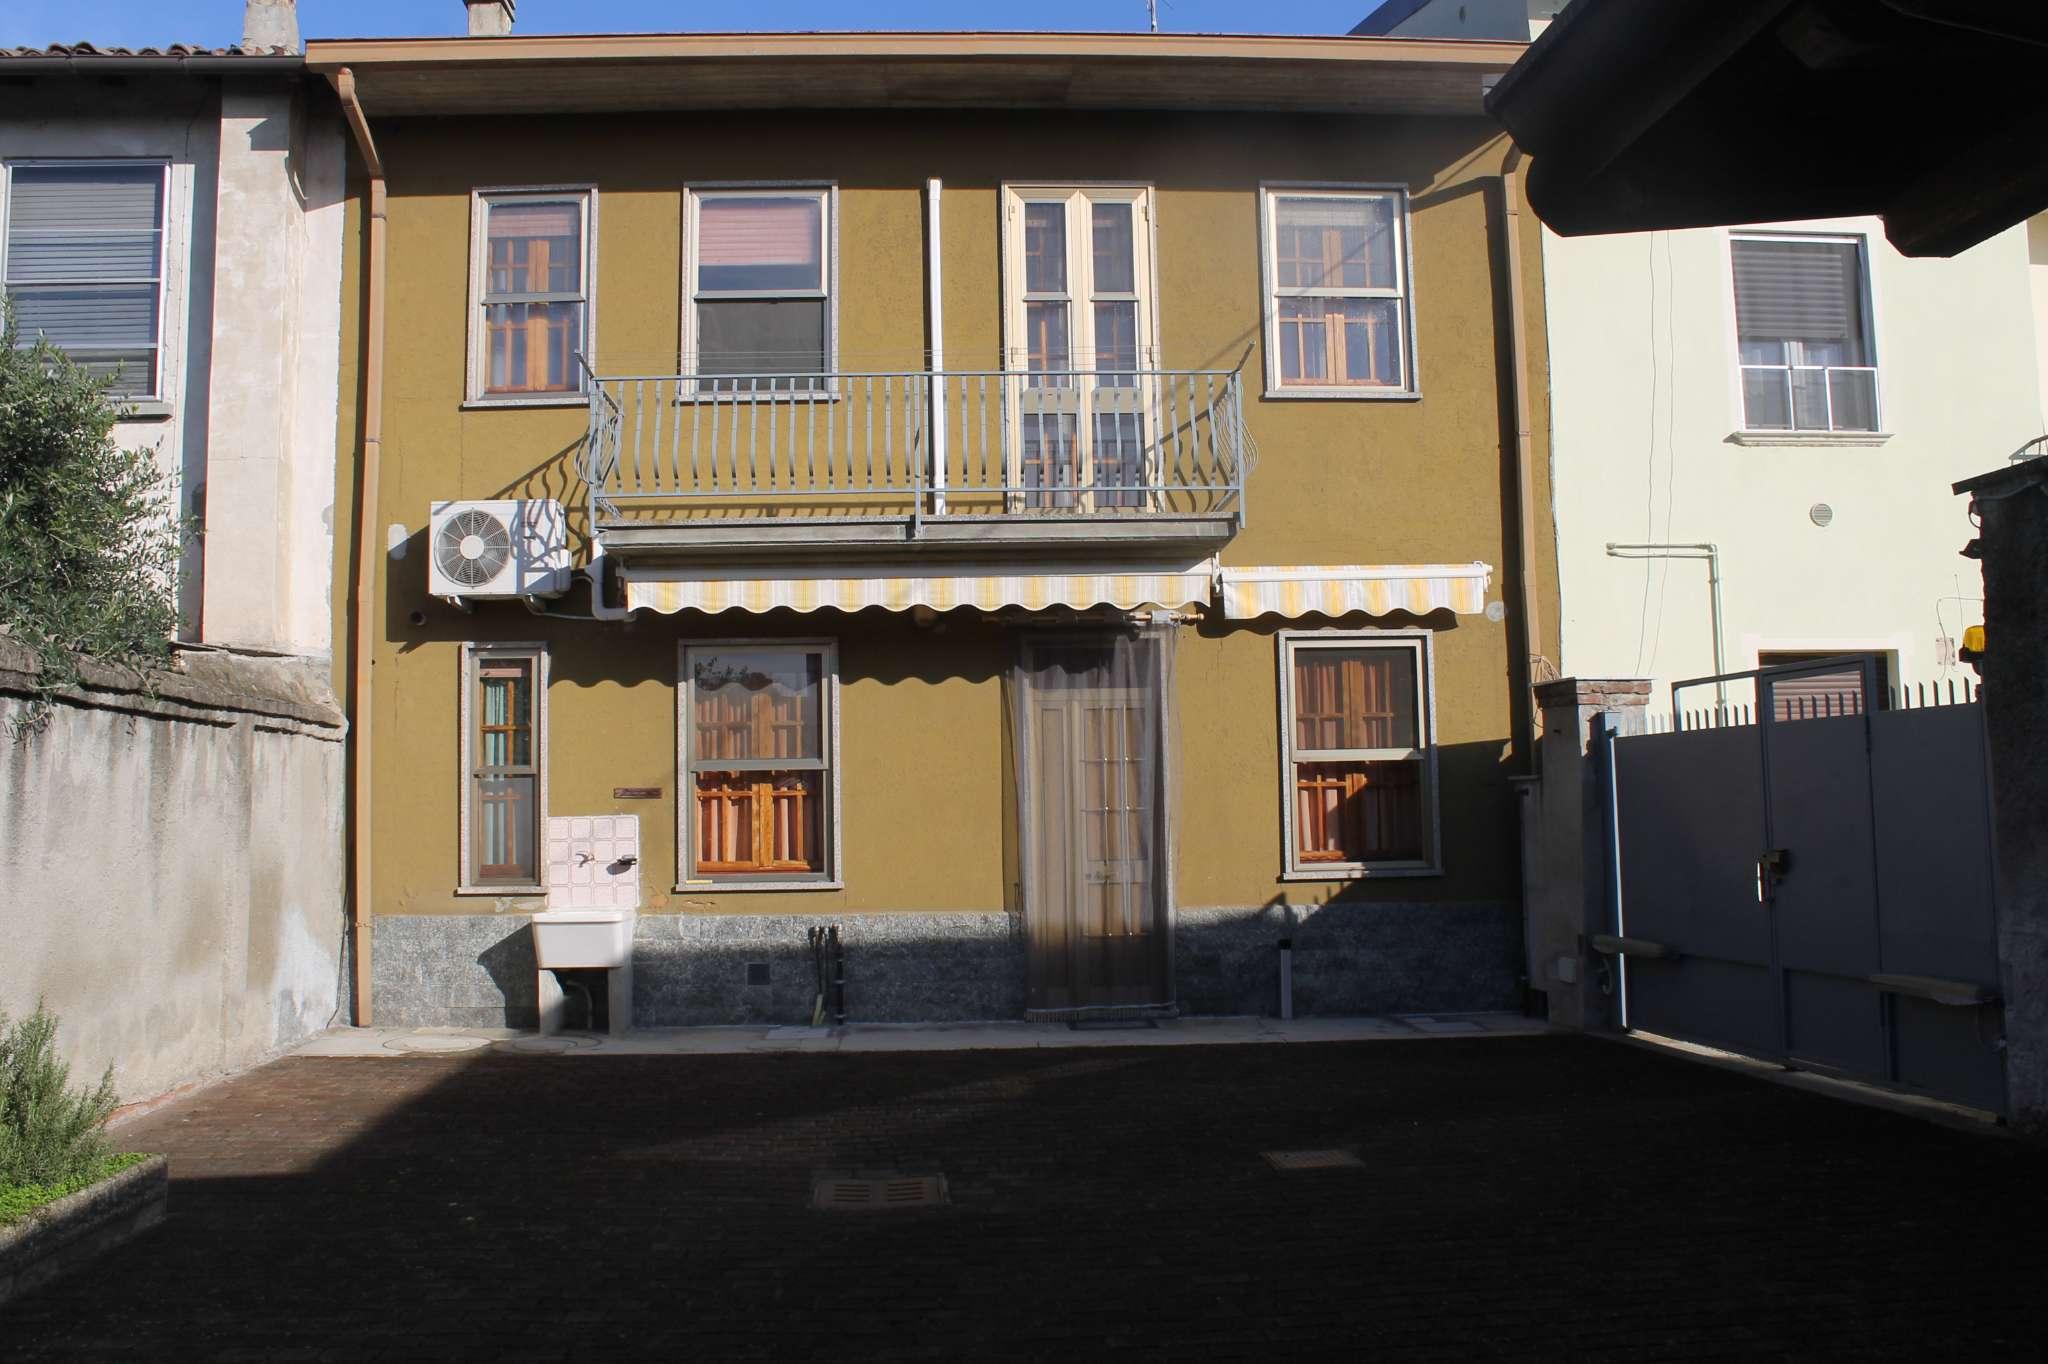 Soluzione Indipendente in vendita a Garlasco, 6 locali, prezzo € 153.000 | PortaleAgenzieImmobiliari.it